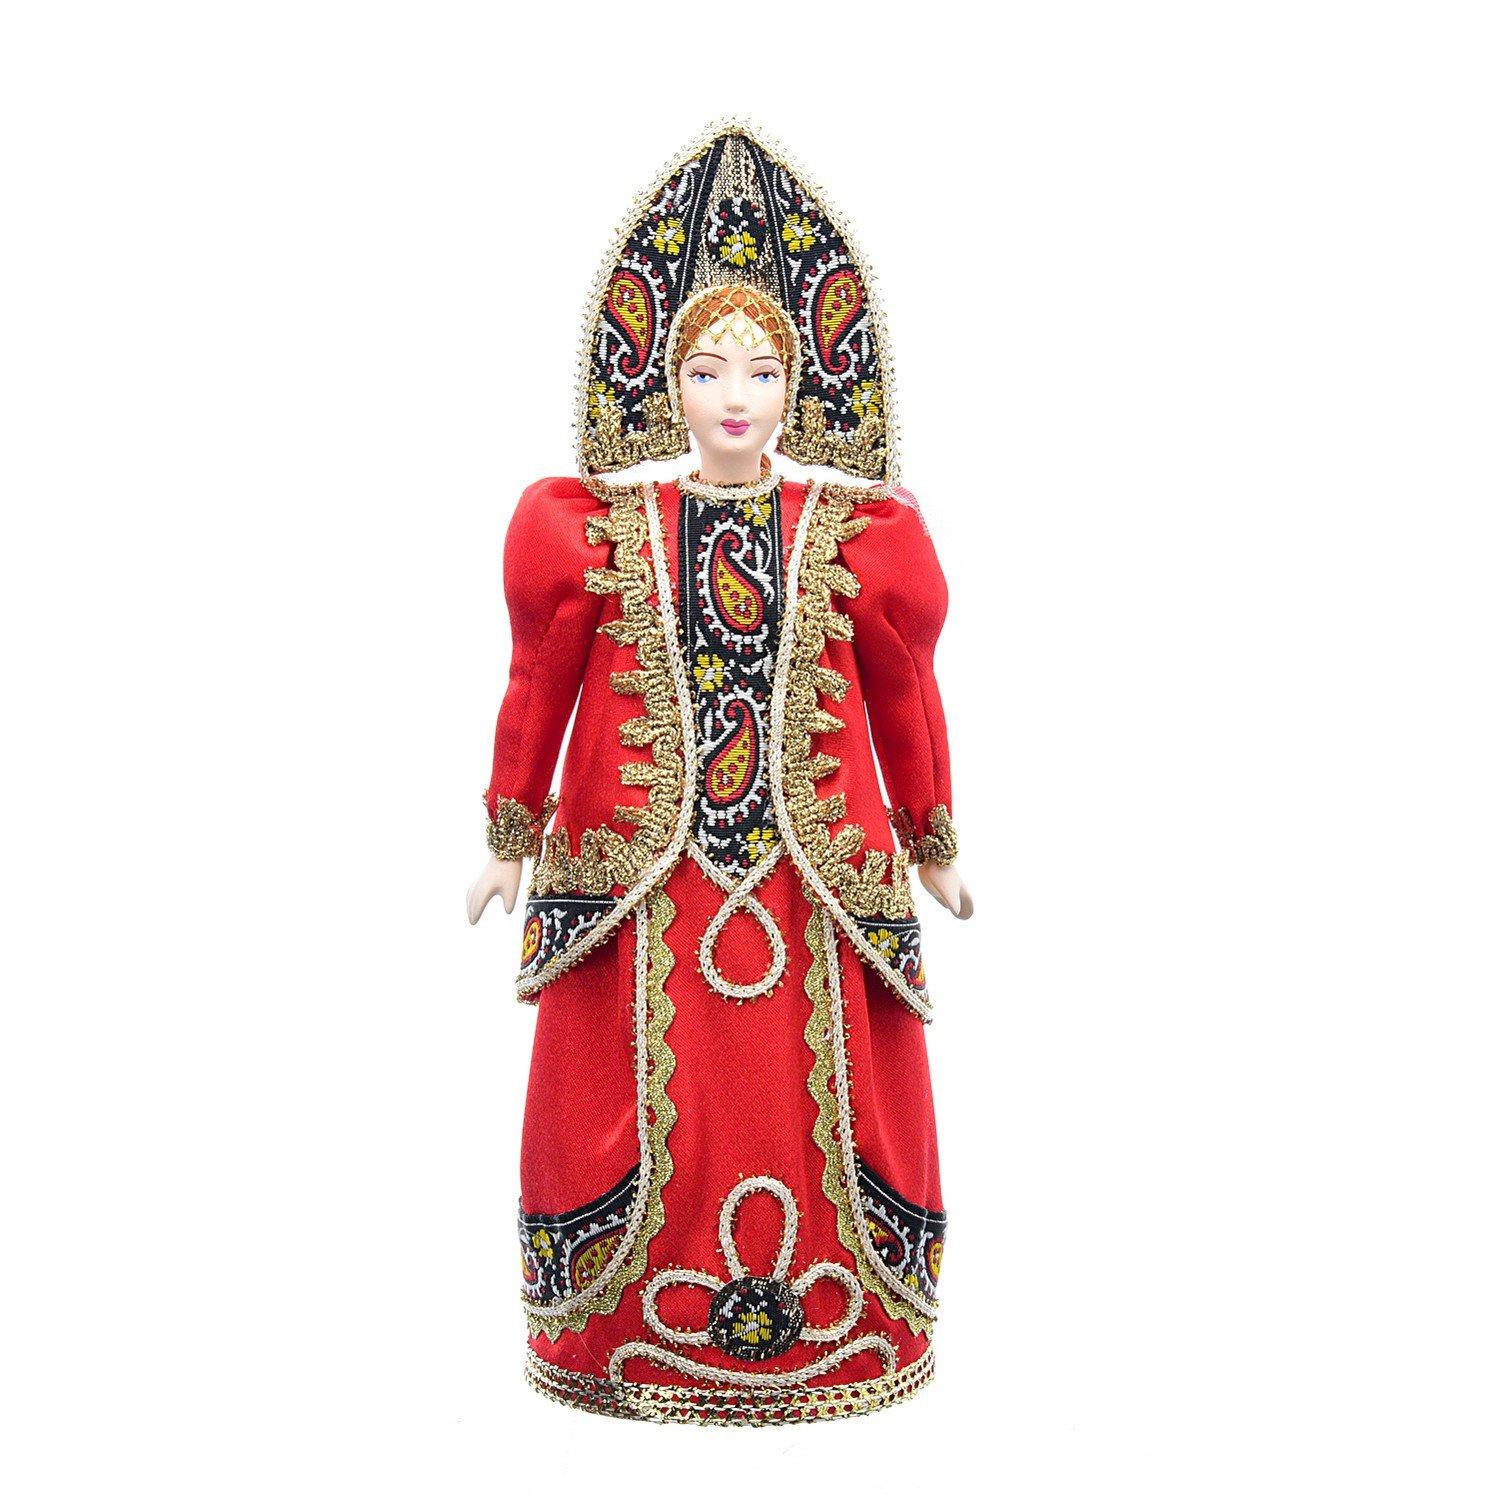 время куклы в русских народных костюмах картинки заварной